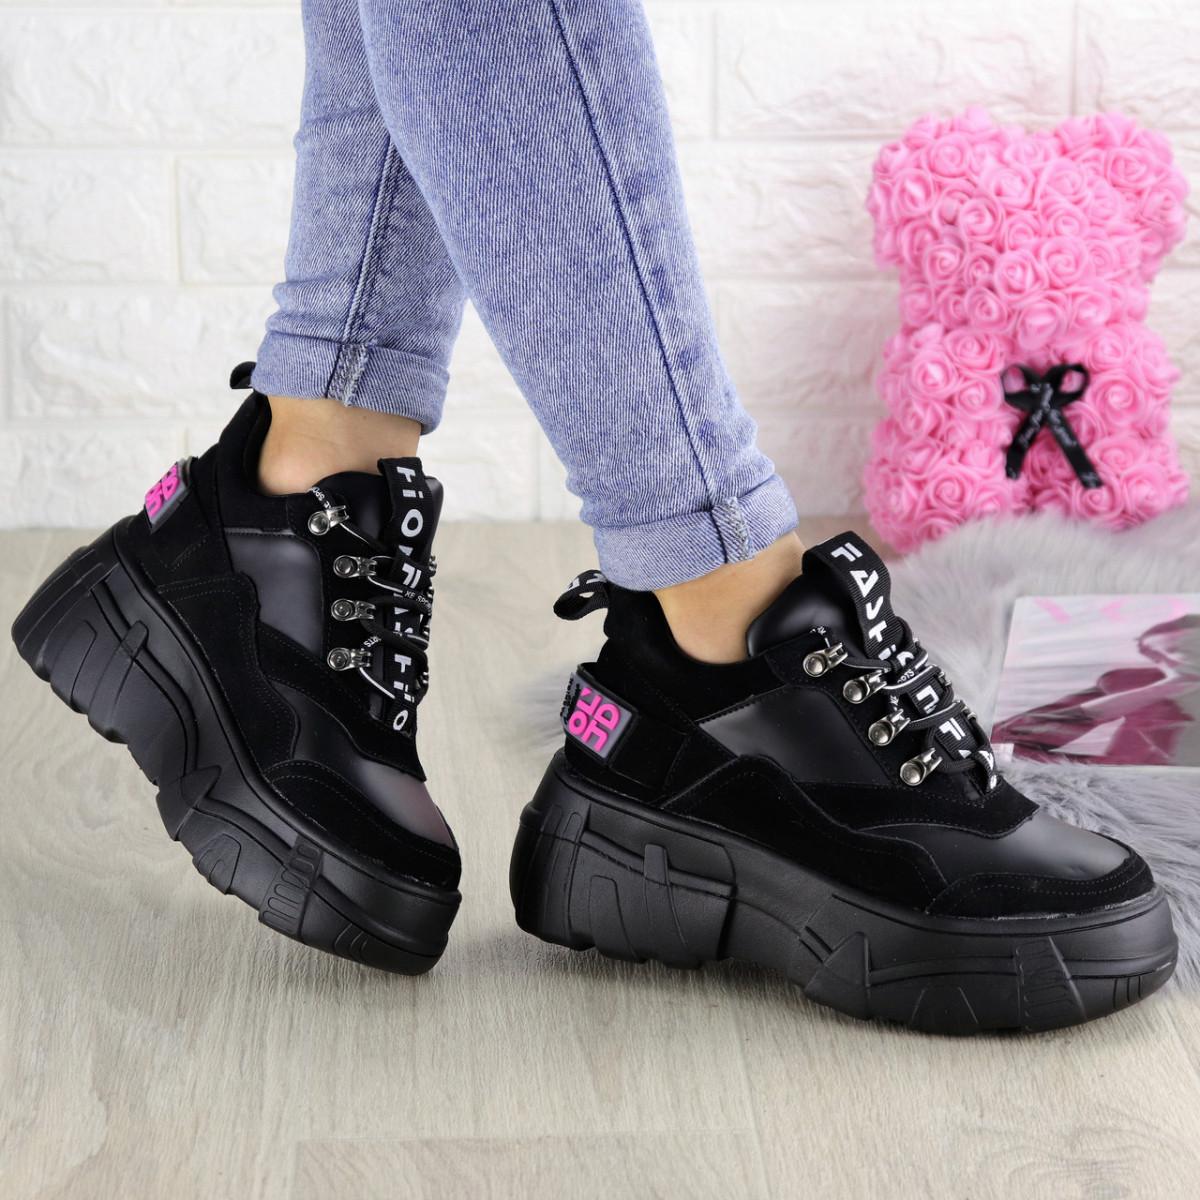 Женские кроссовки Harper черные 1302 (38 размер)